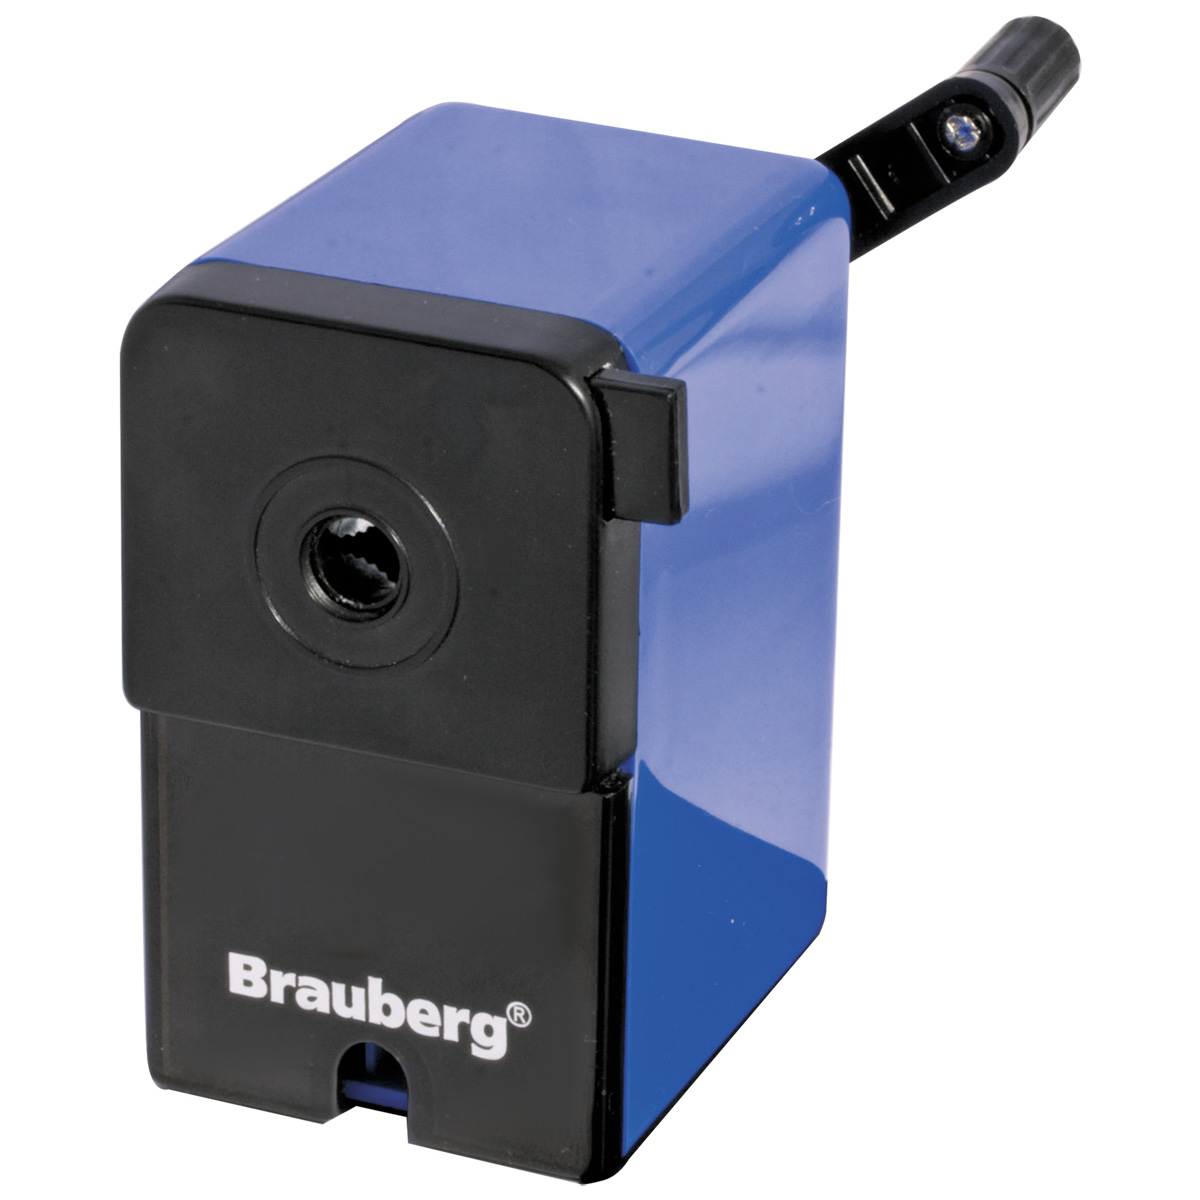 Brauberg Точилка RoboBlue72523WDНевероятно удобная и стильная точилка Brauberg RoboBlue. Вращающийся роликовый нож изготовлен из высококачественной стали, что обеспечивает великолепную заточку.Качественный металлический затачивающий механизм. Пластиковый корпус. Вместительный контейнер для сбора стружки. Специальный зажим для крепления к столу.